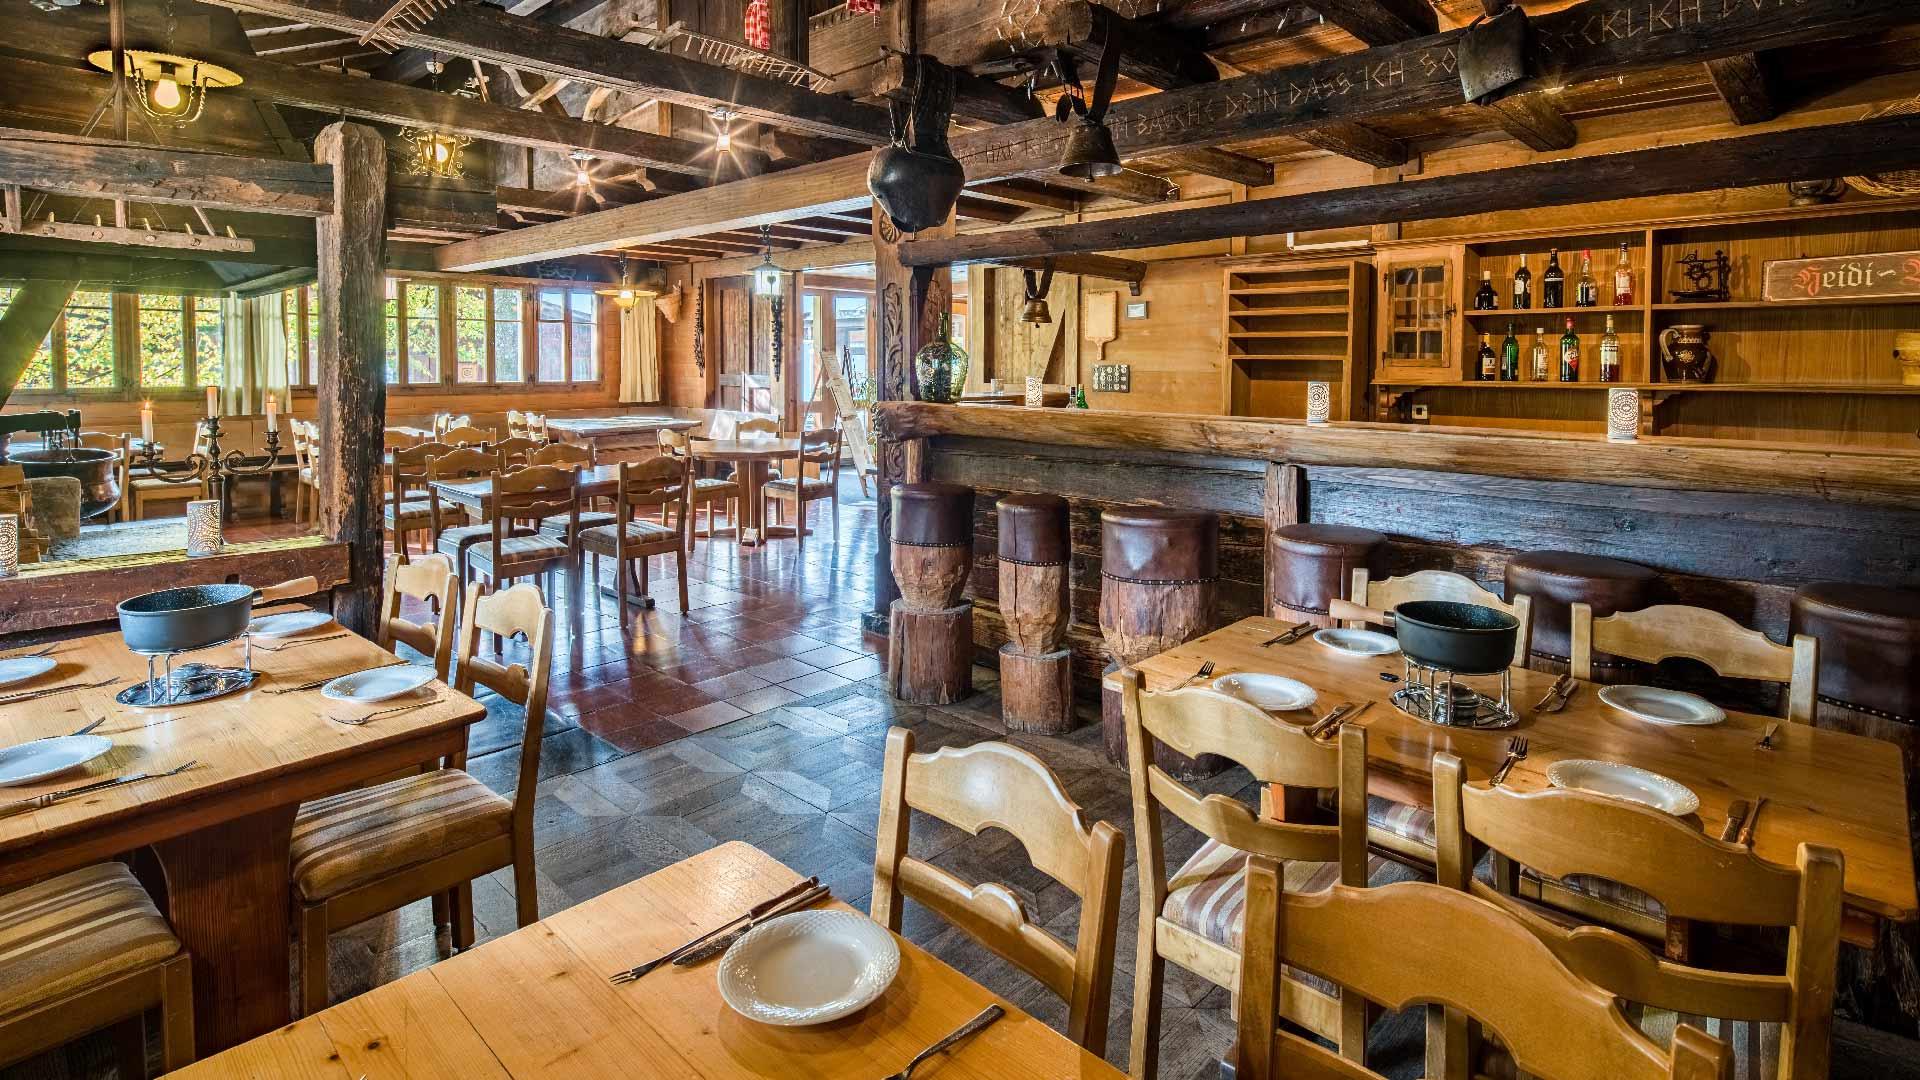 lindenhof-brienz-heidi-bar